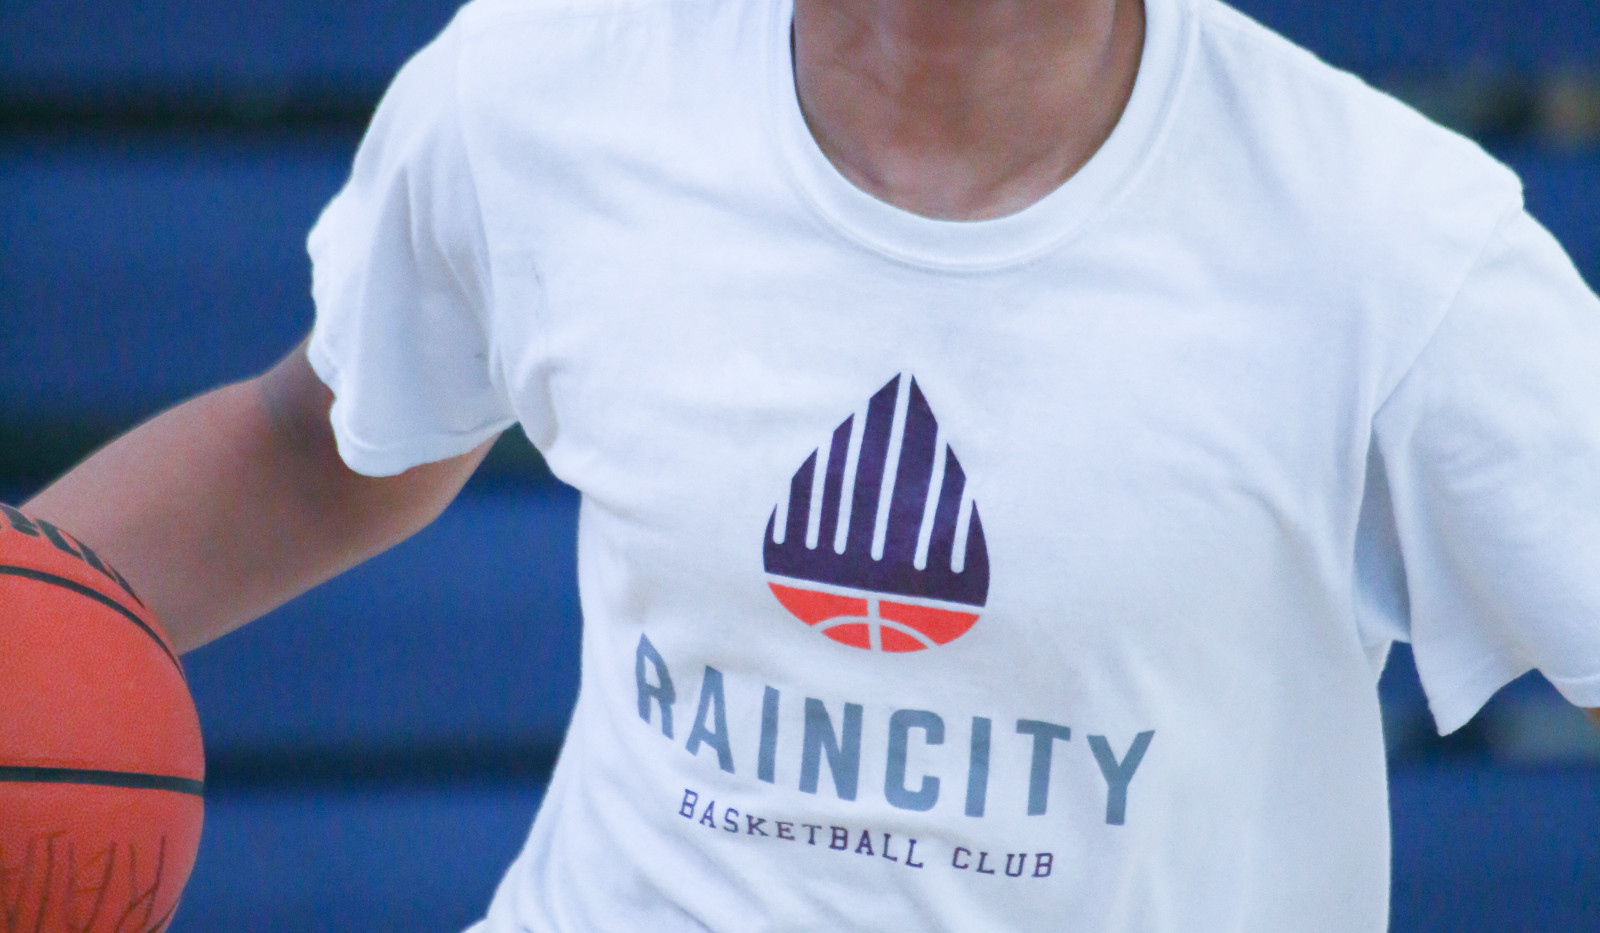 RainCityUhill-454.jpg